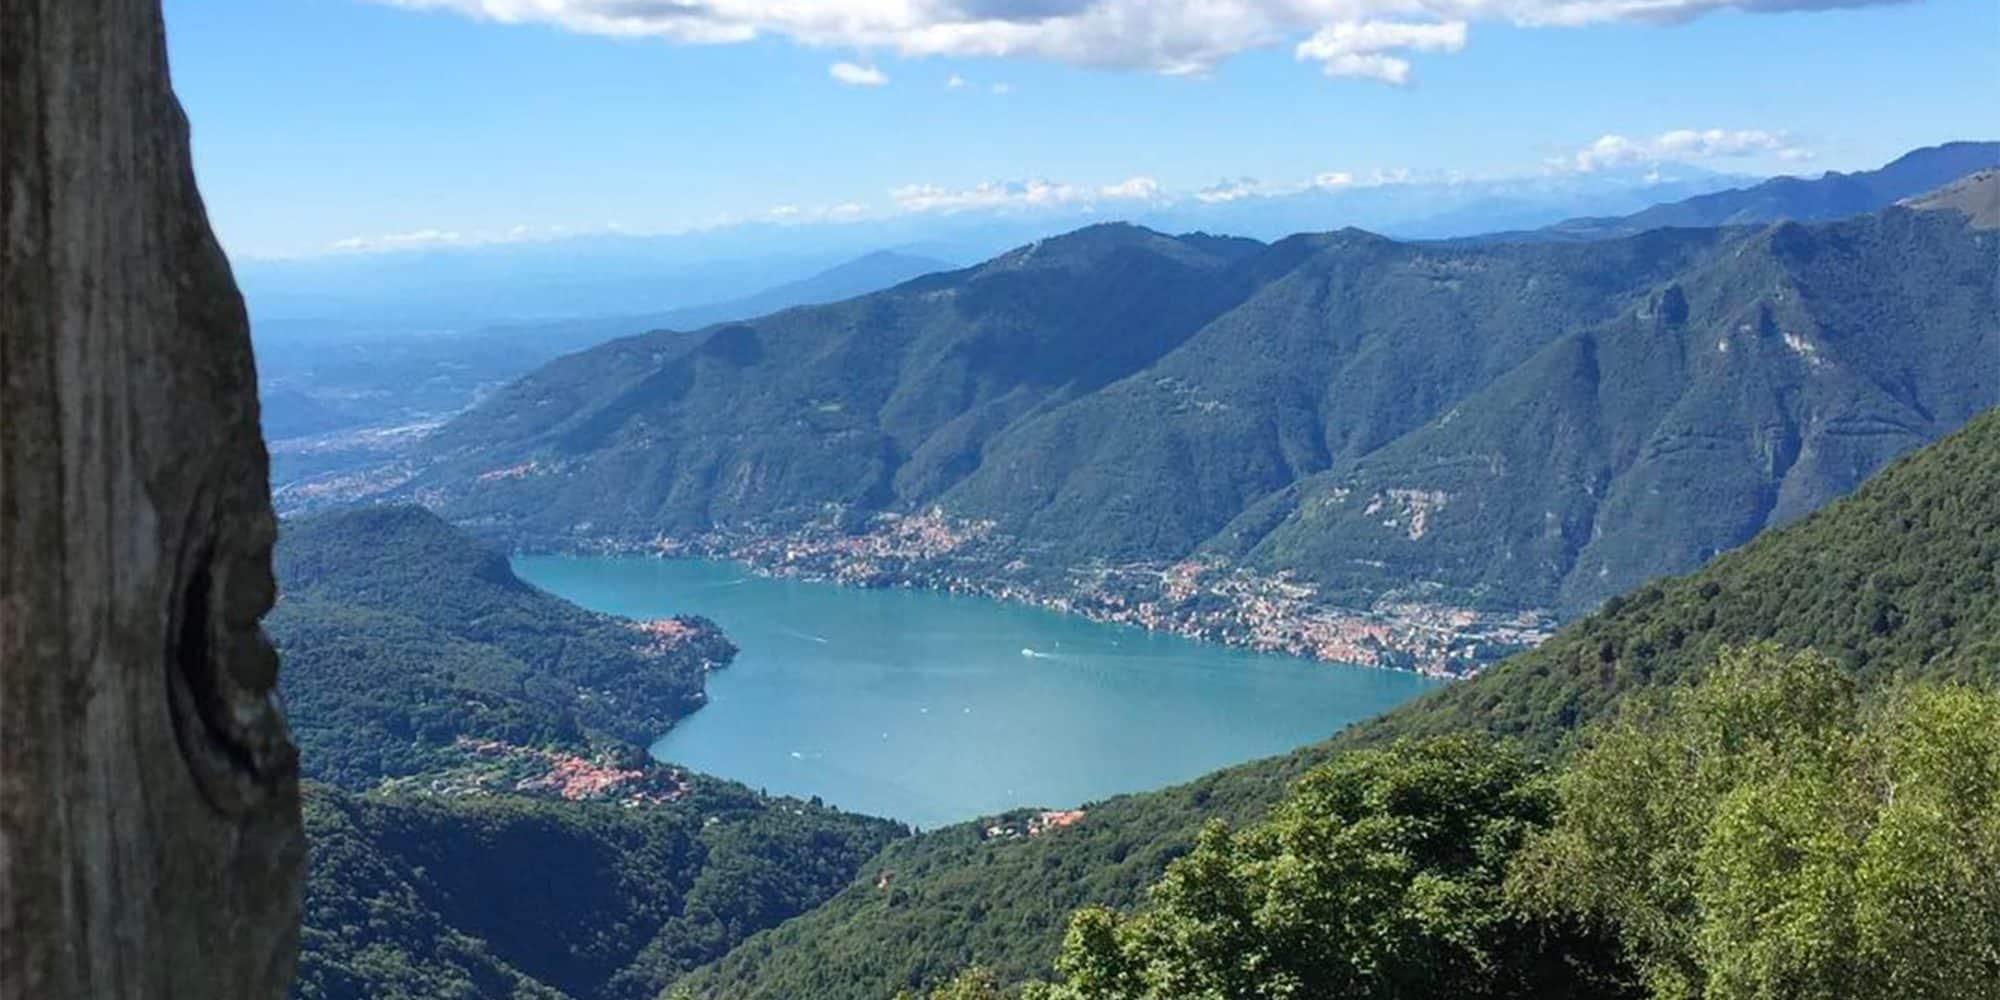 Il lago di como visto dall'Alpe del Vicerè